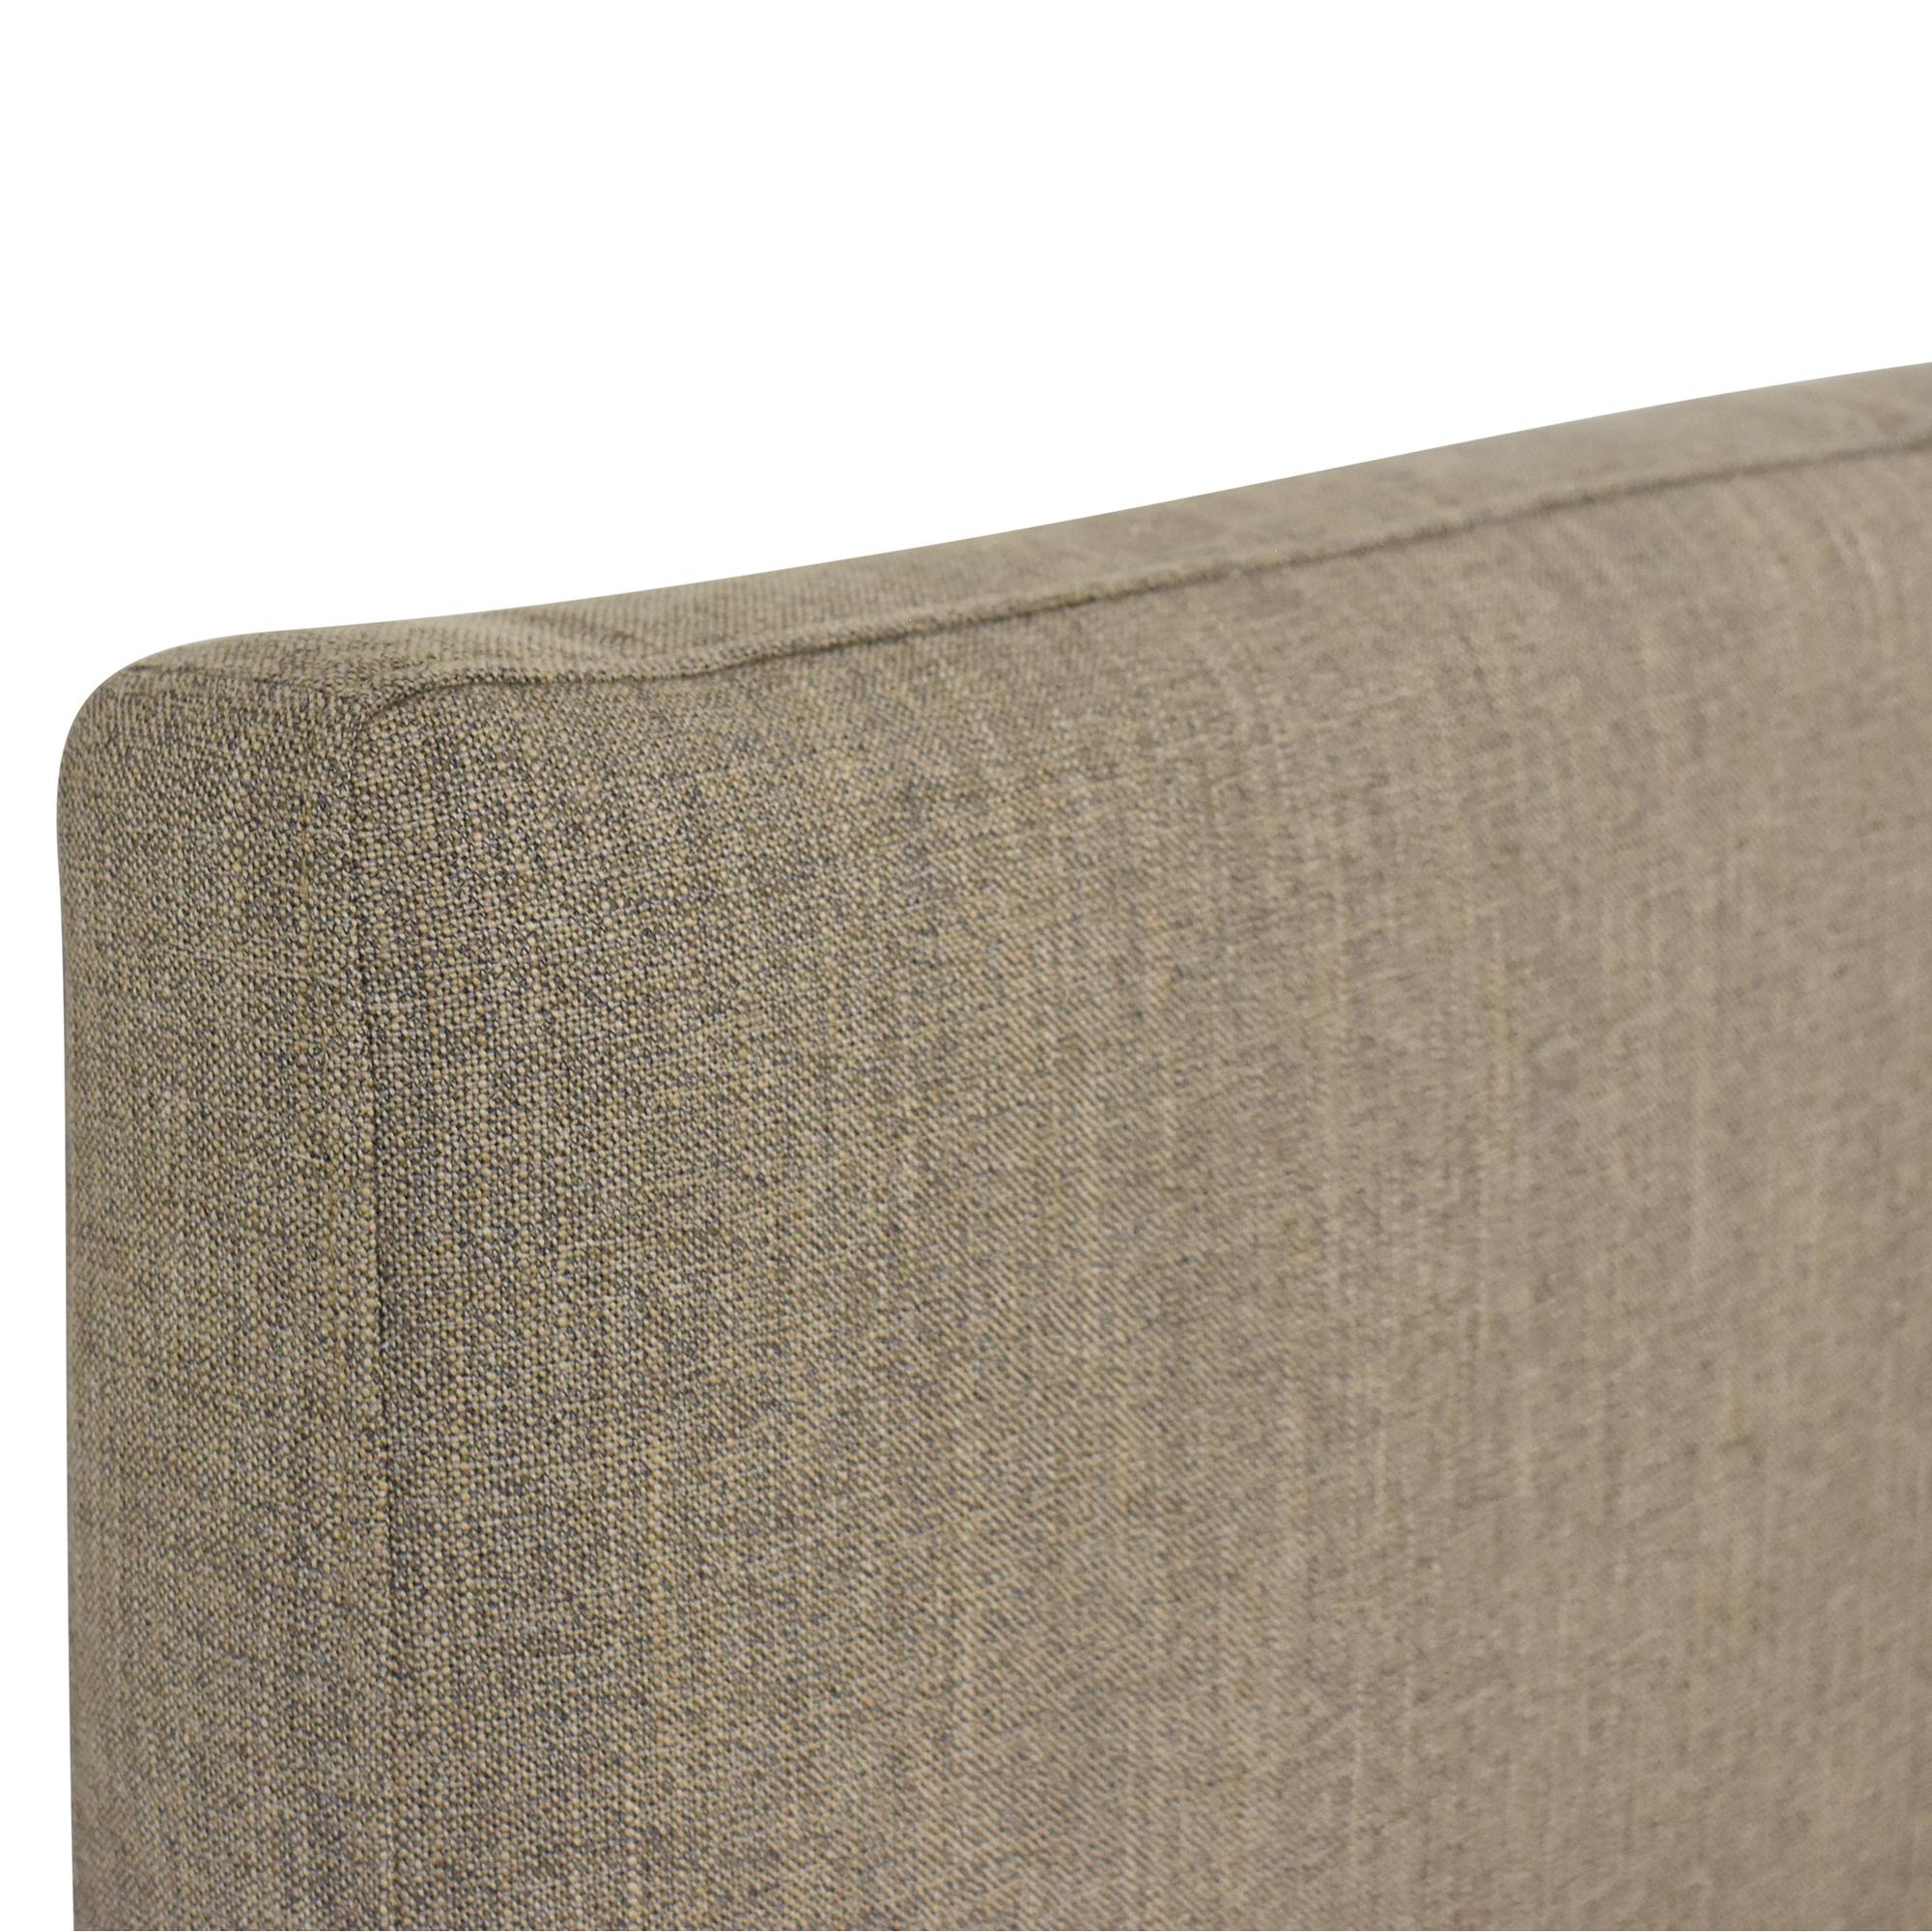 Crate & Barrel Crate & Barrel Lowe Upholstered Queen Headboard Beds